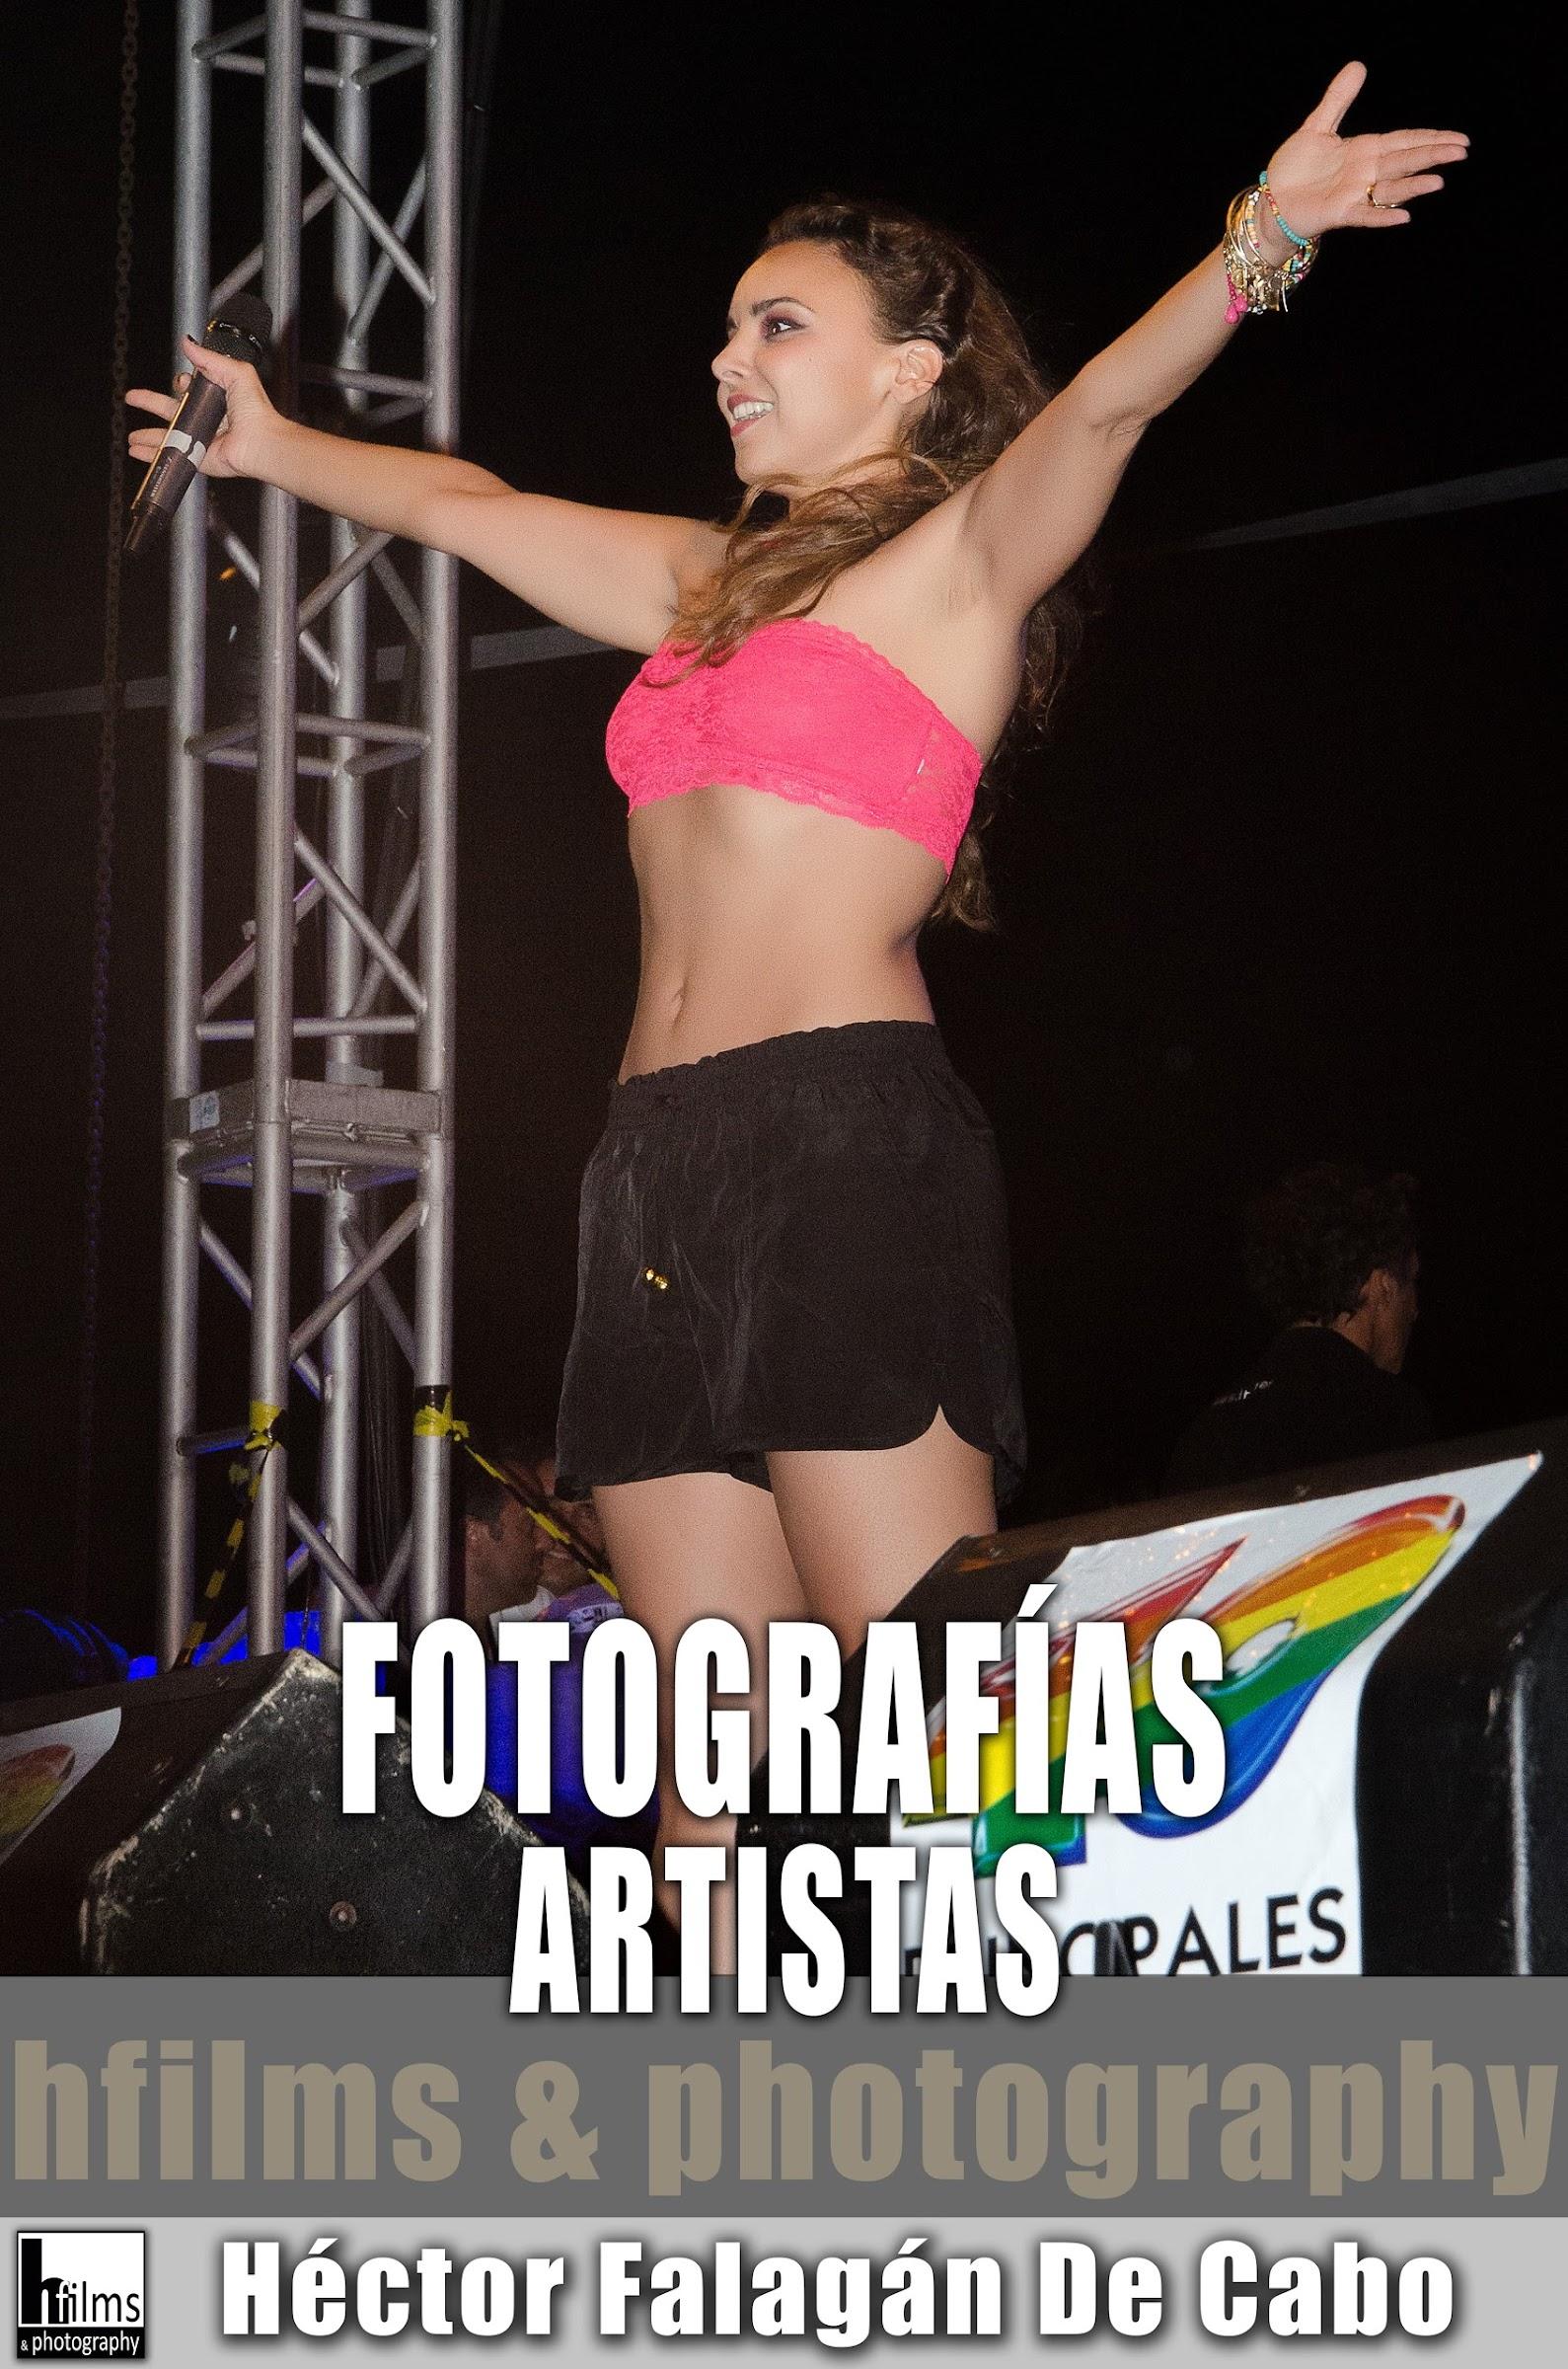 Héctor Falagán De Cabo | hfilms & photography. Fotografías de Artistas.